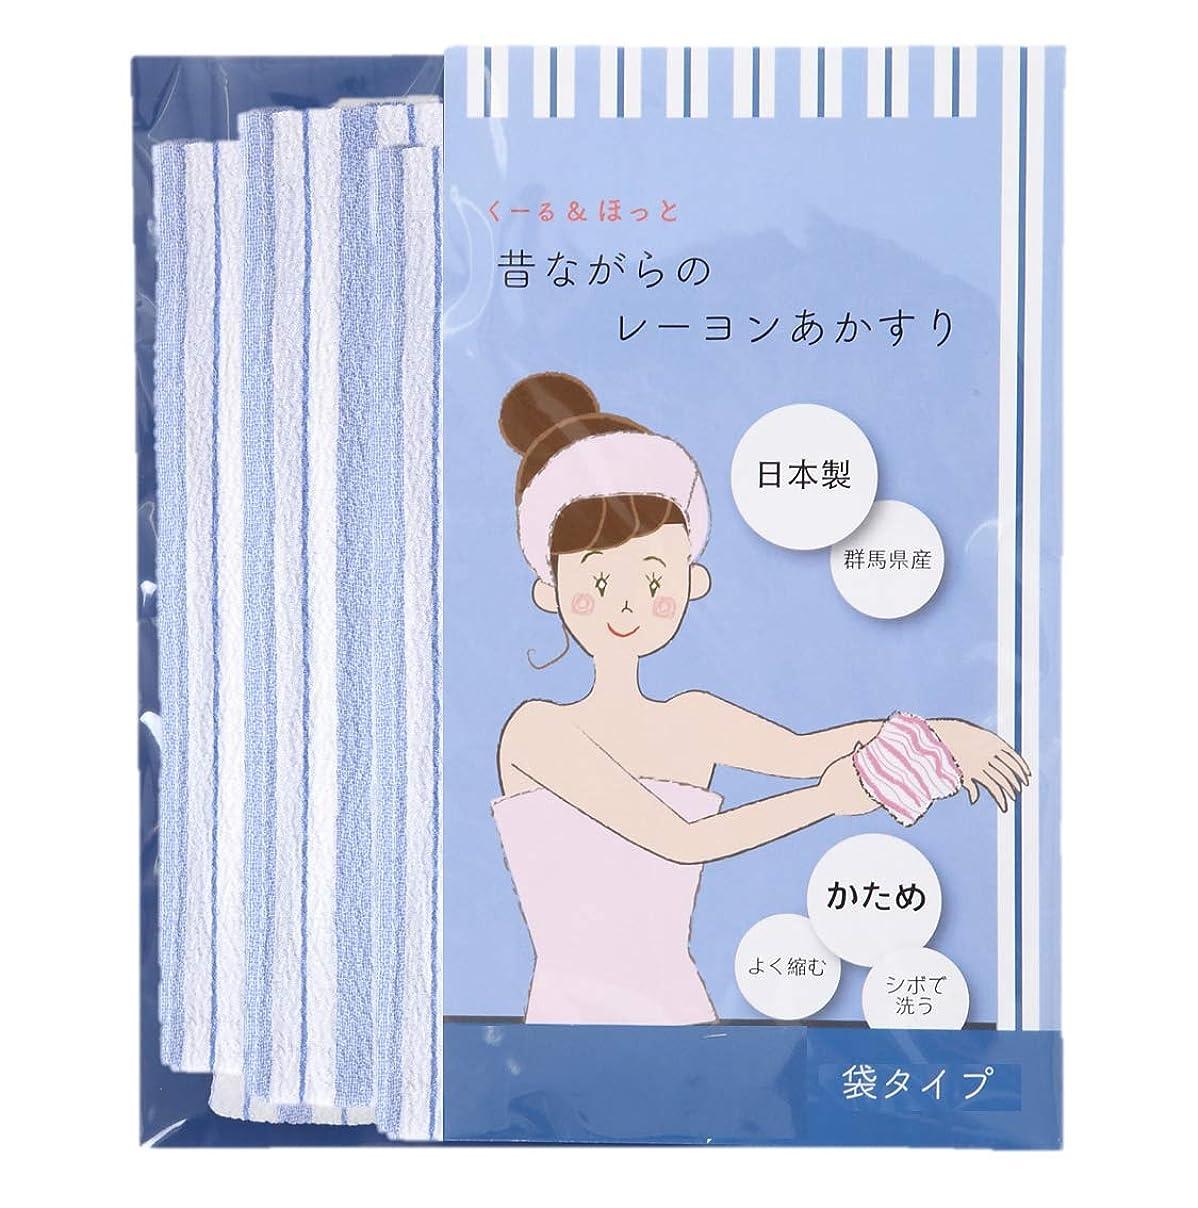 ジャーナリスト殺人カテゴリーくーる&ほっと 昔ながらのレーヨンあかすり 日本製(群馬県で製造) 袋タイプ (10枚組(ブルー))